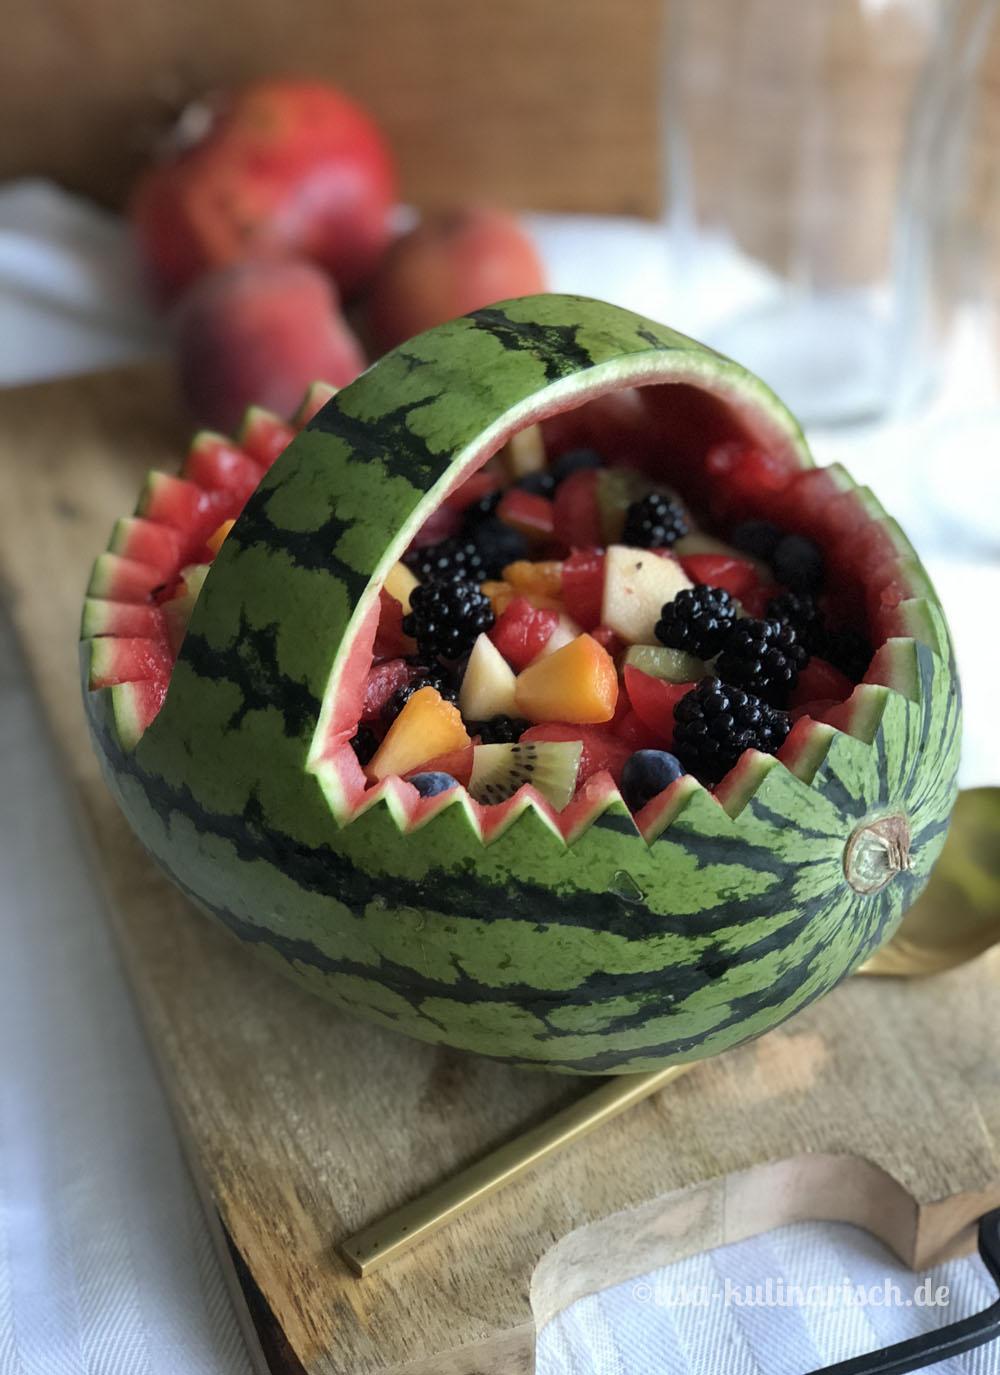 Watermelon Basket (Wassermelonen-Korb)